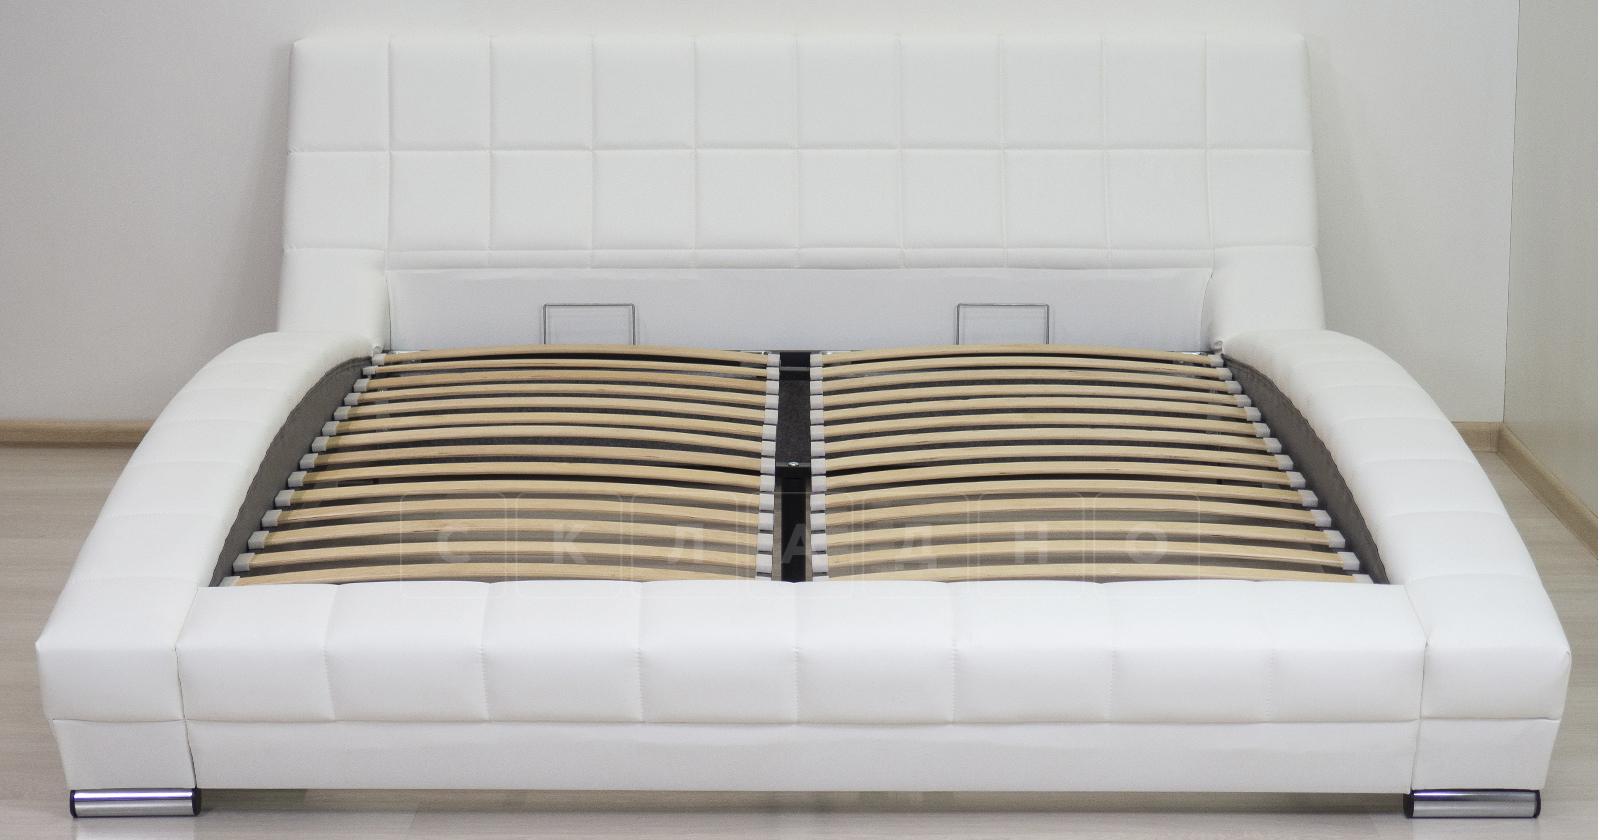 Мягкая кровать Оливия 160 см экокожа белый фото 3 | интернет-магазин Складно